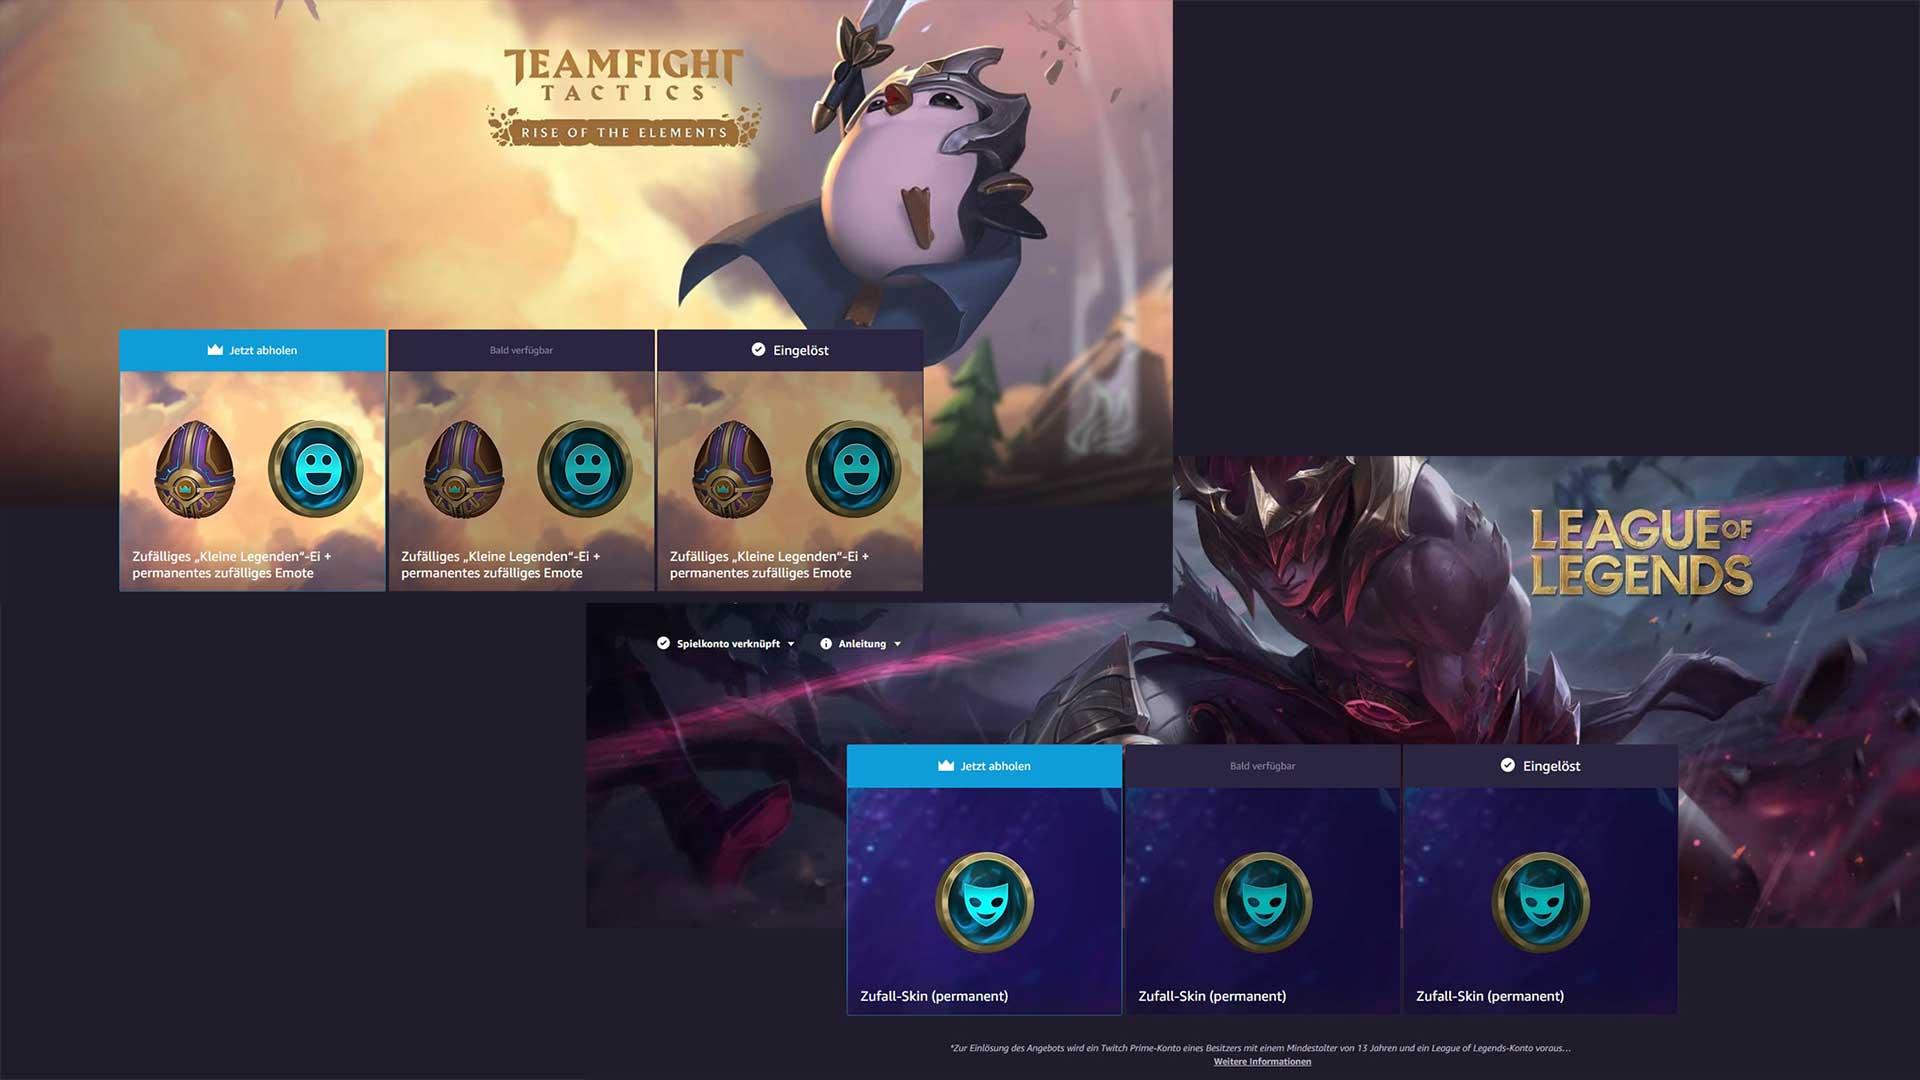 Acalendar Anleitung twitch prime: neue gratis skins für lol und tft | gaming